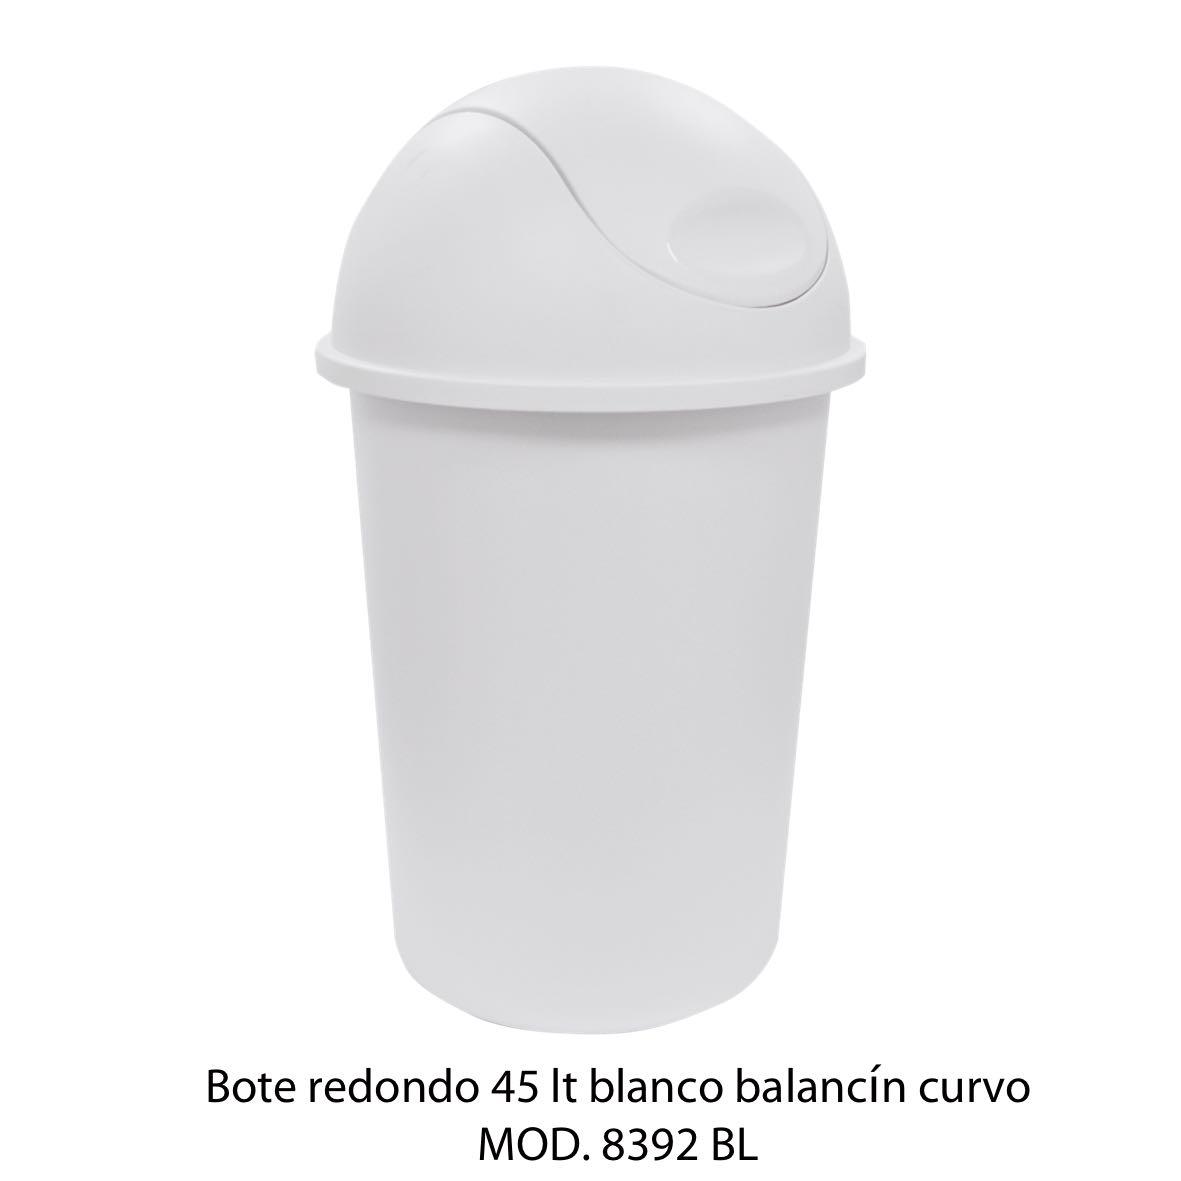 Bote de basura redondo de 45 litros con balancín curvo color blanco modelo 8392 BL - Sablón